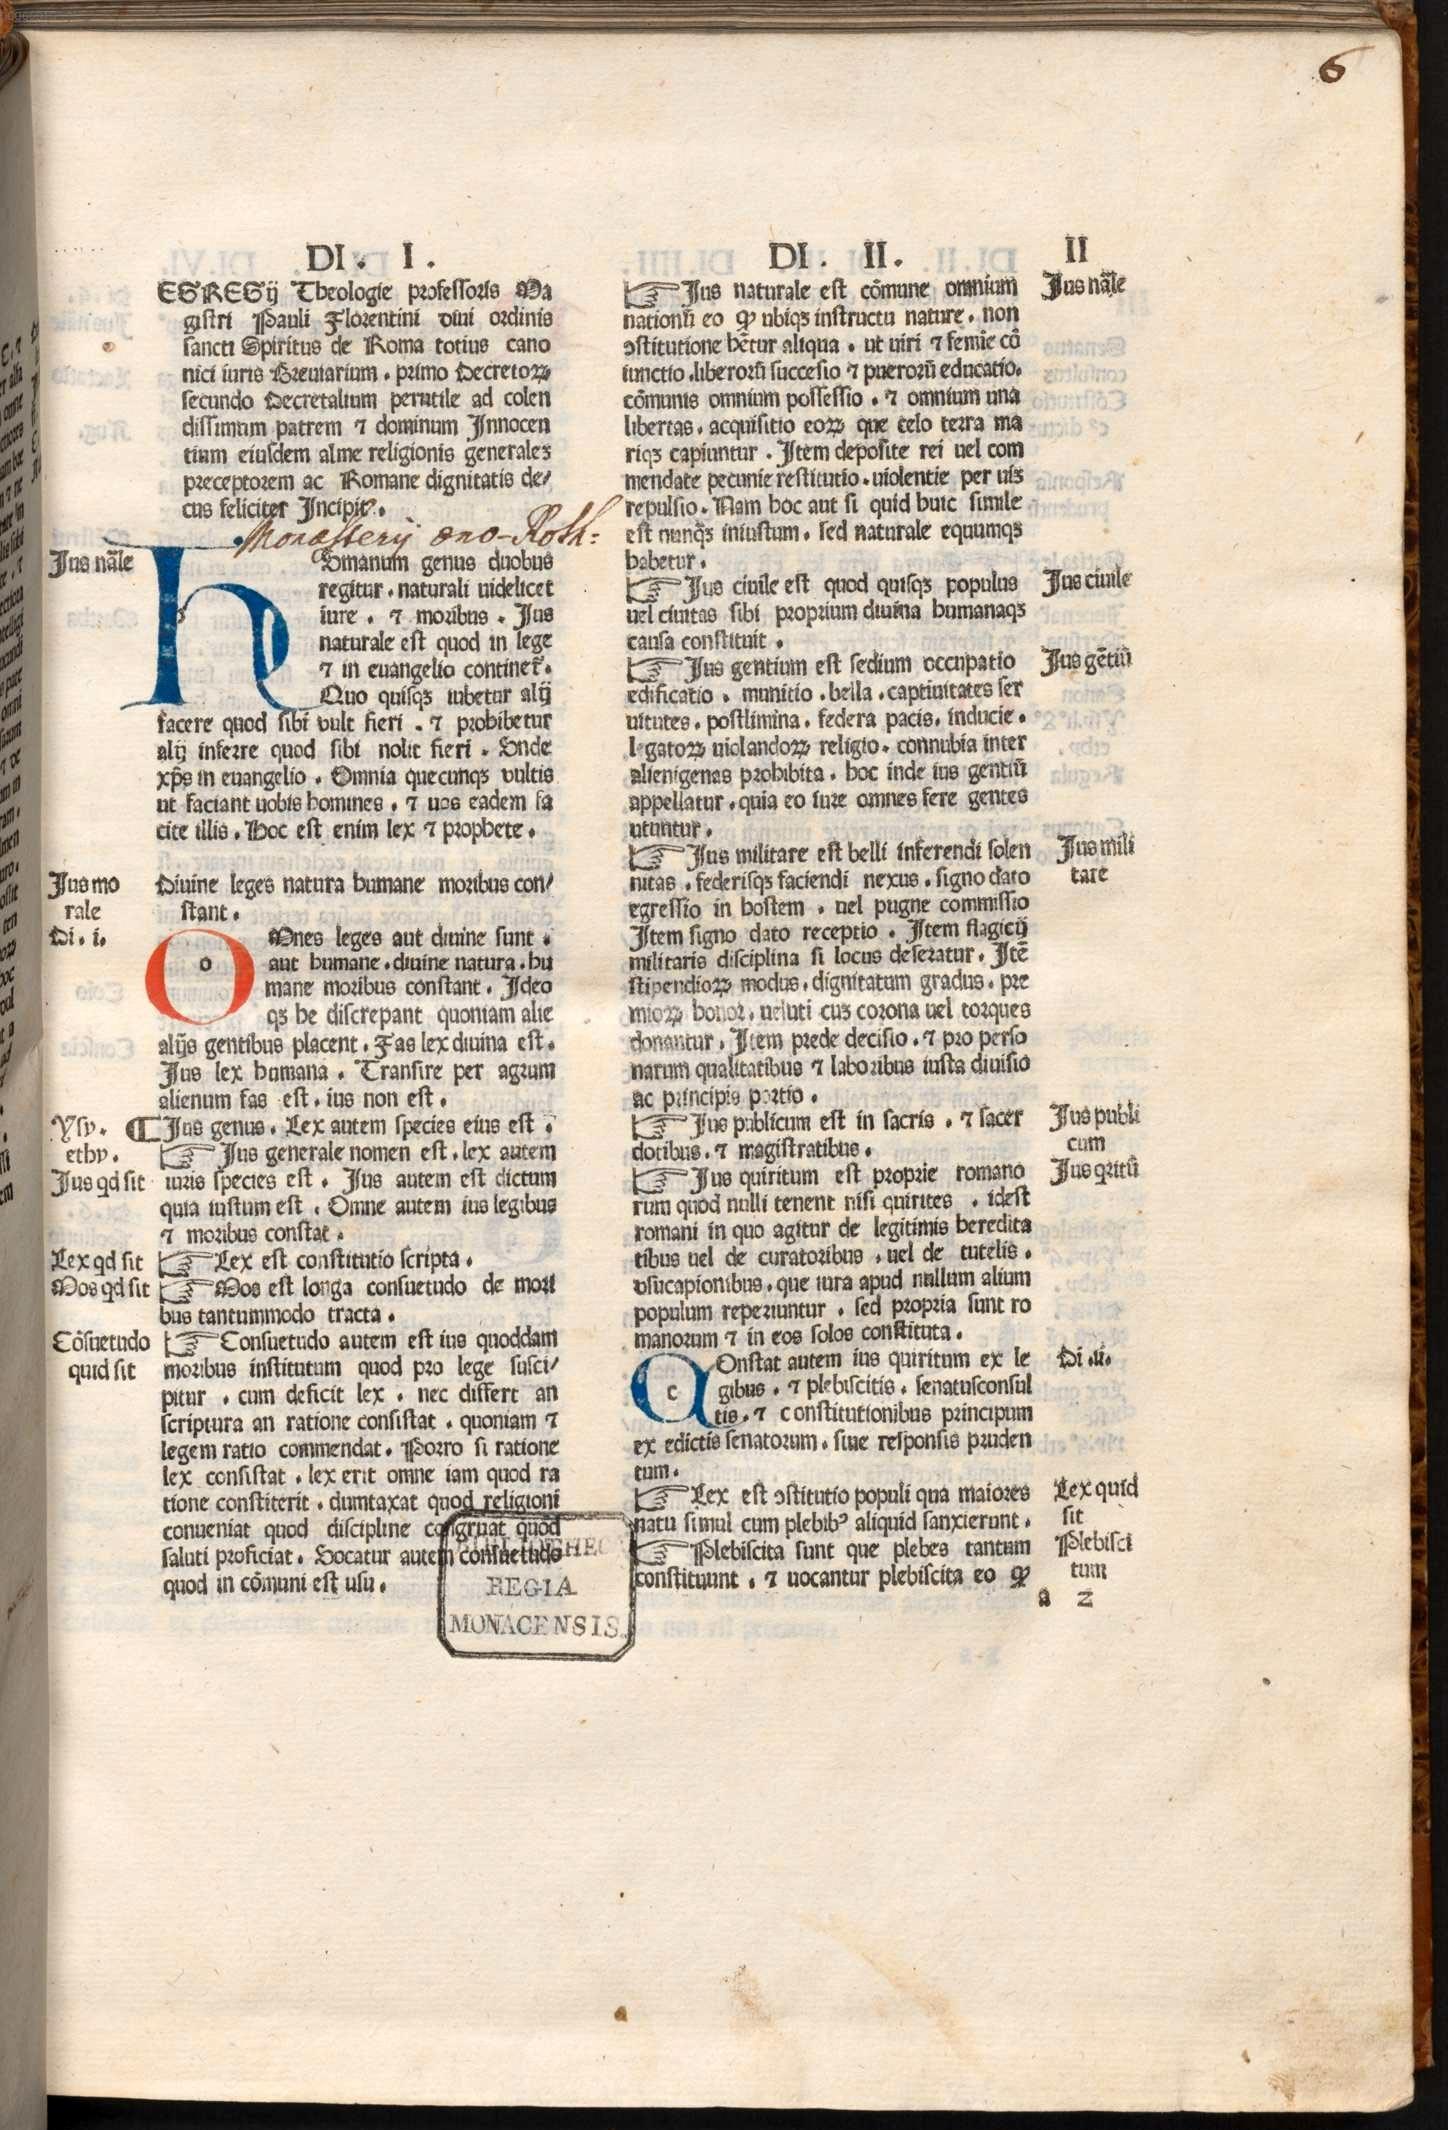 Breviarium iuris canonici.